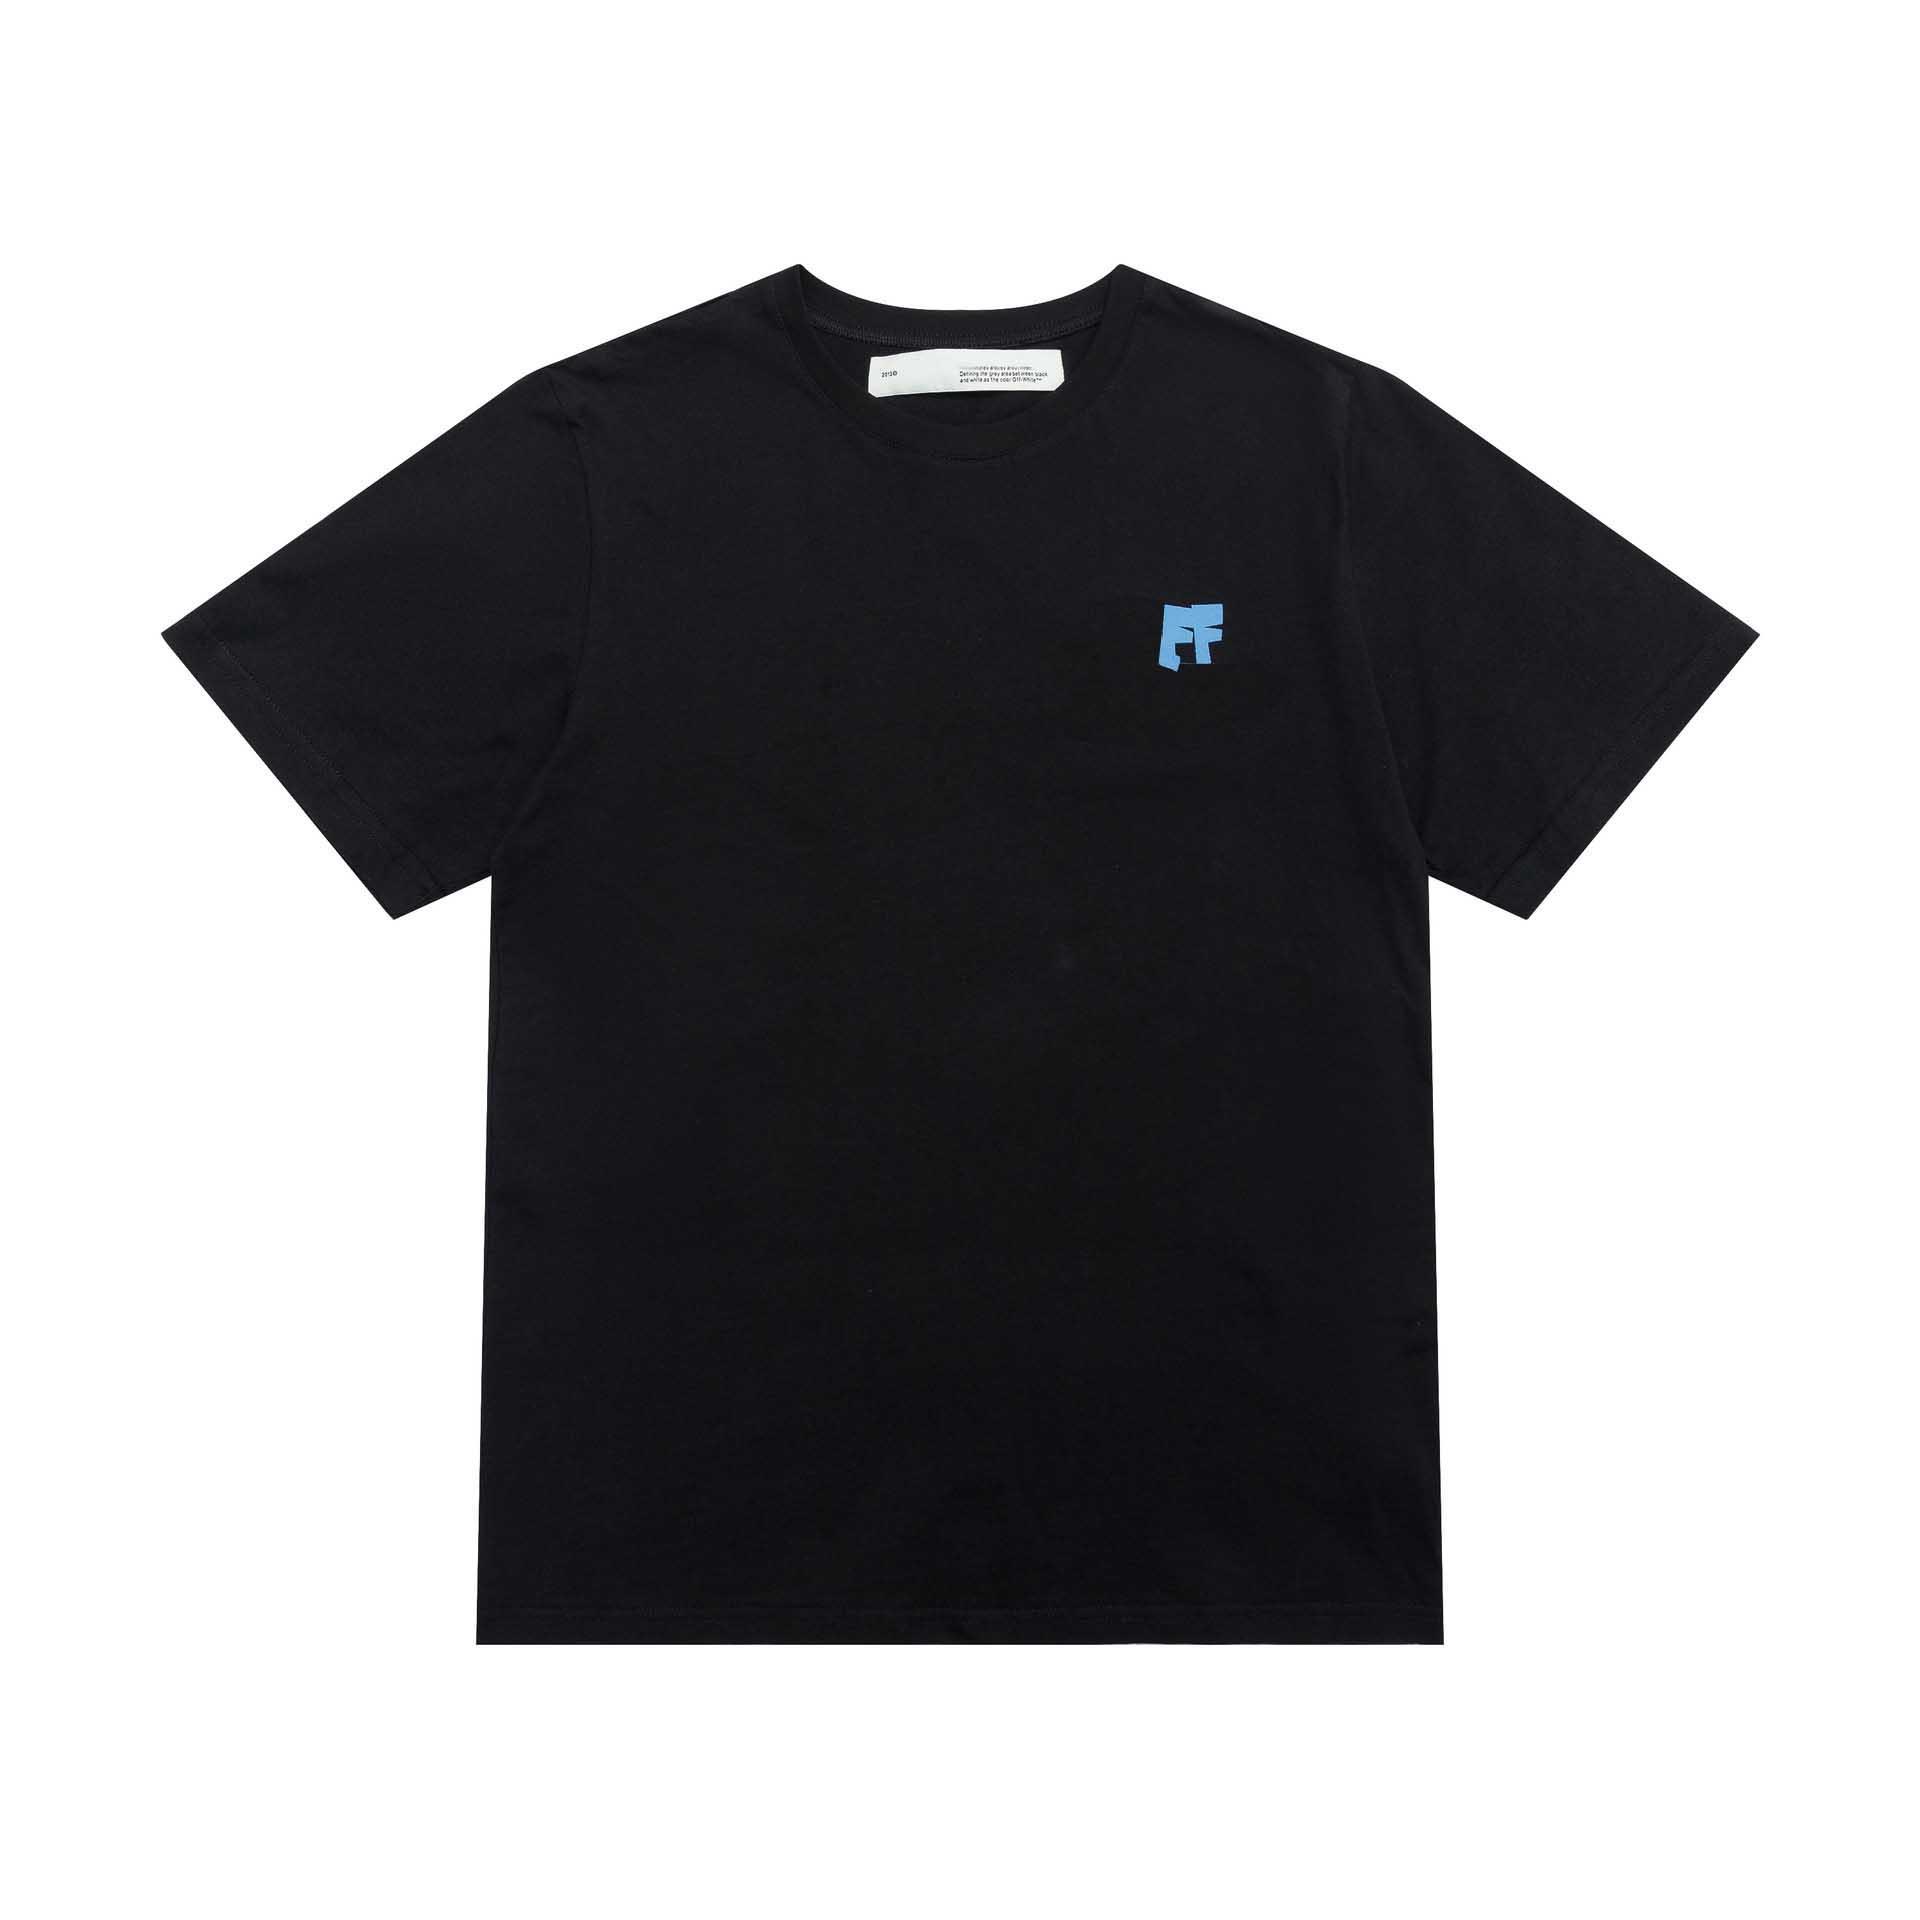 패션 디자이너 브랜드 최고 품질의 망 팜 인쇄 티 탑 남자 여자 Sunmer Tshirt 캐주얼 스트리트 셔츠 맨 남자 의류